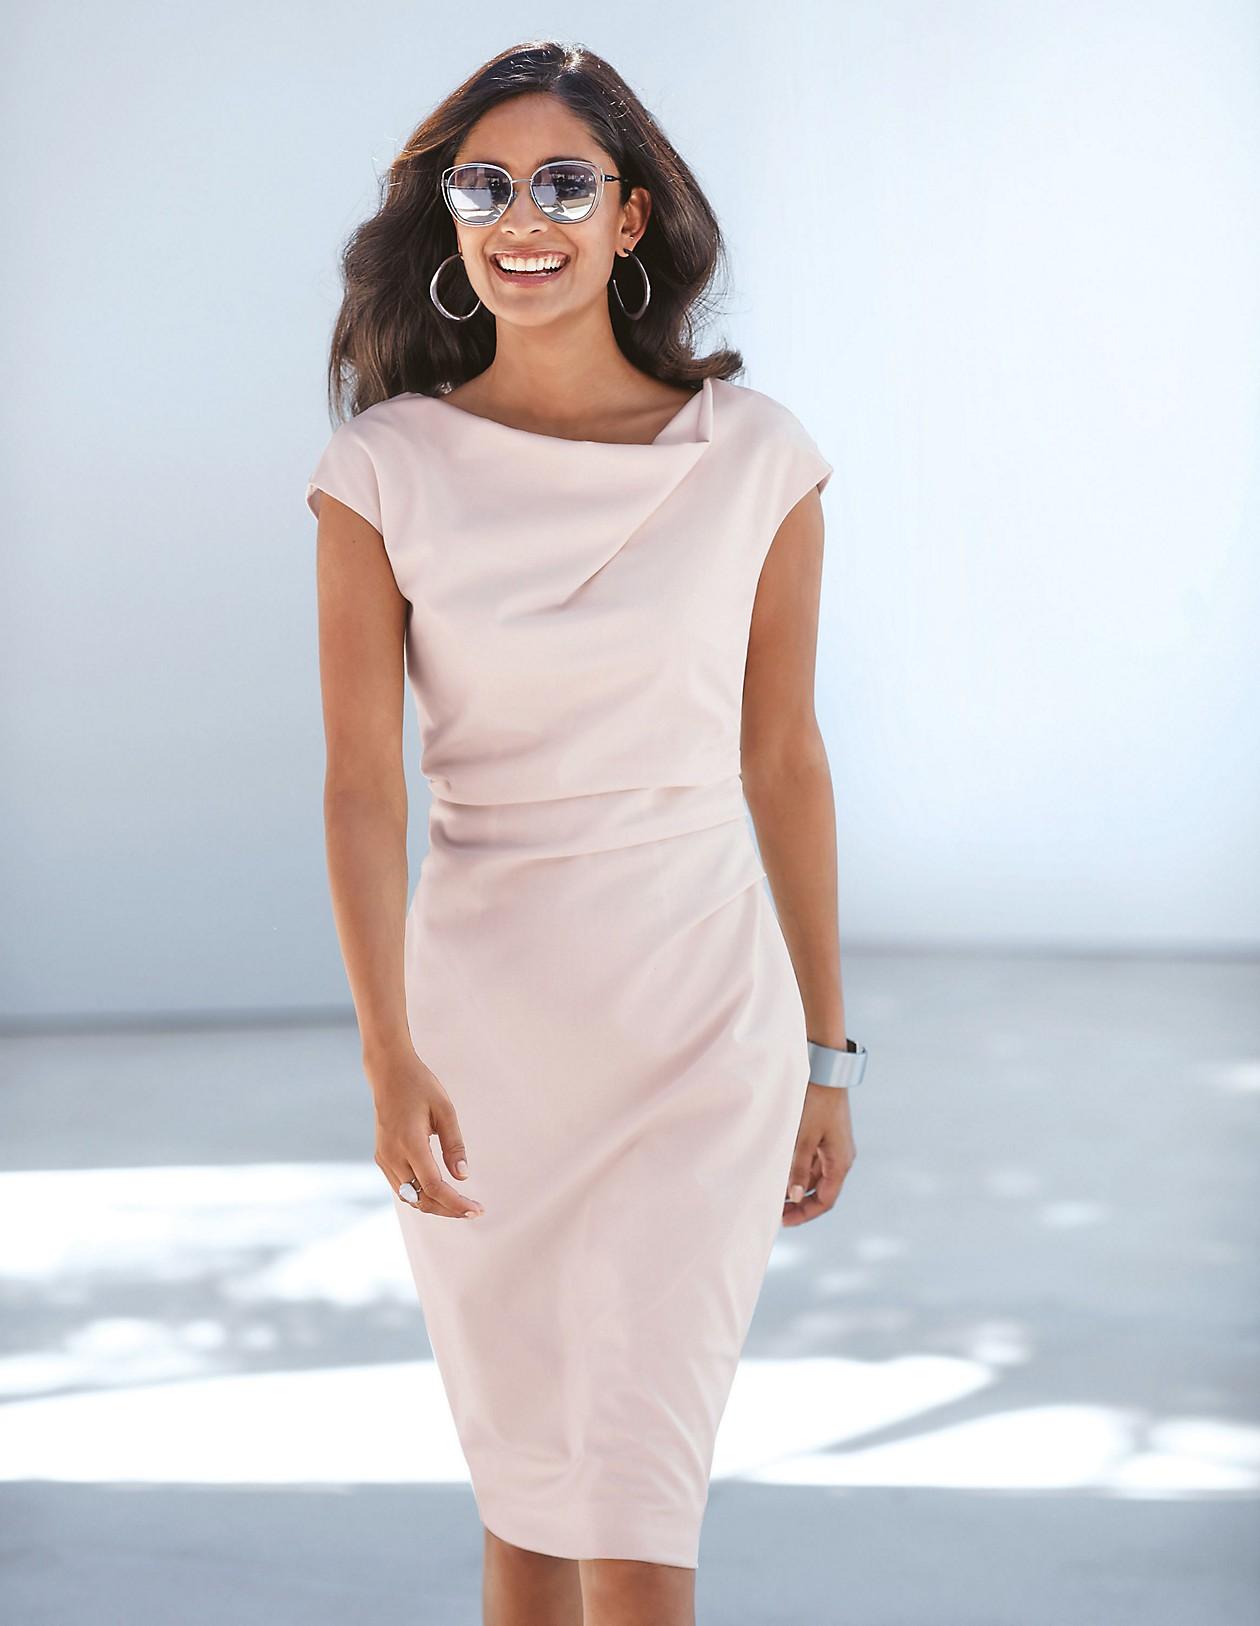 Ärmelloses Kleid mit Raffungen, perlmutt, rosa  MADELEINE Mode